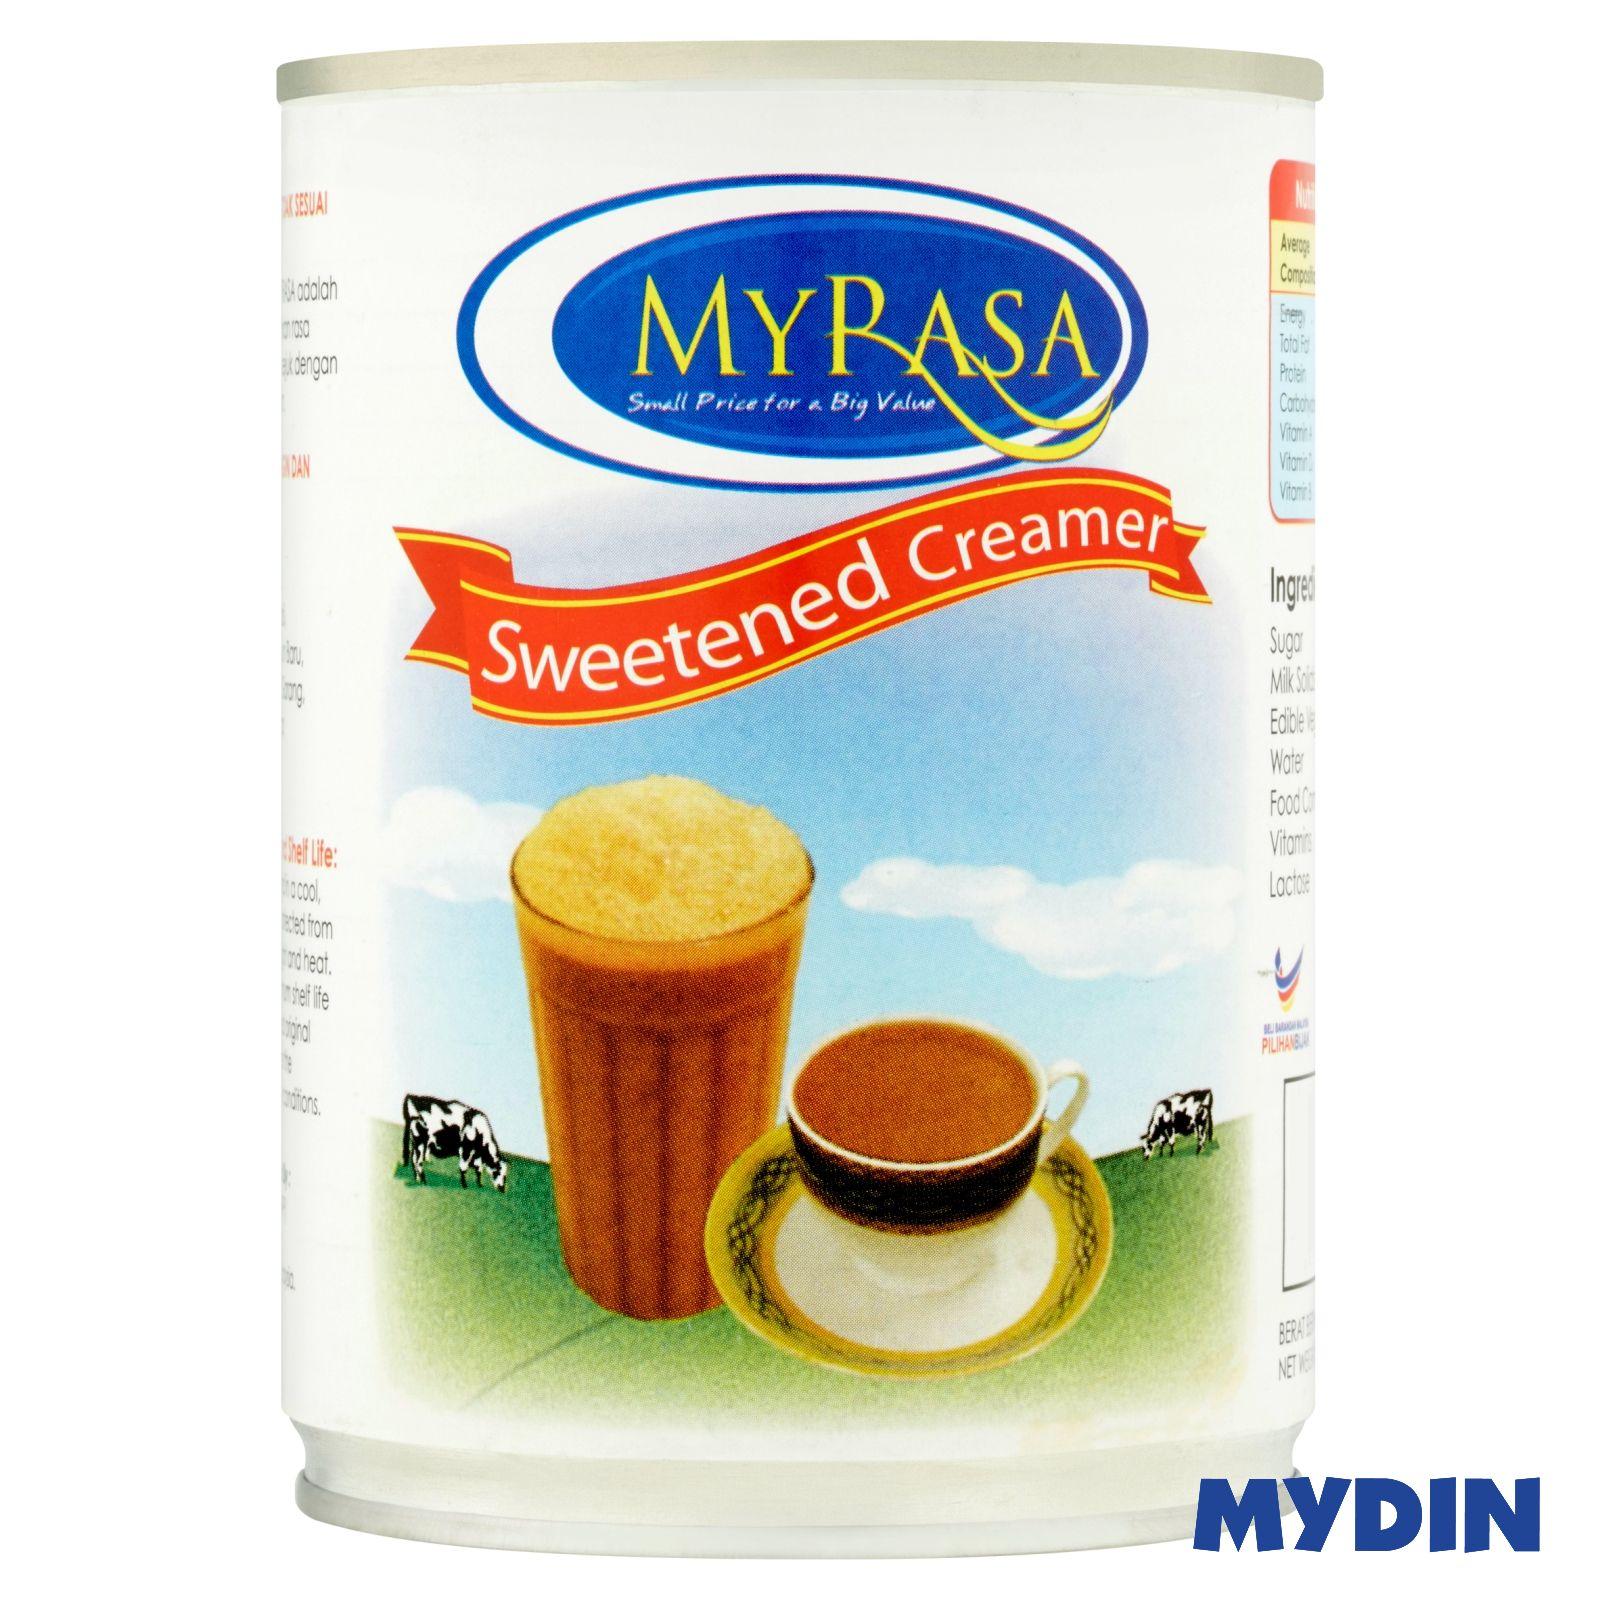 MyRasa Sweetened Creamer (505g)